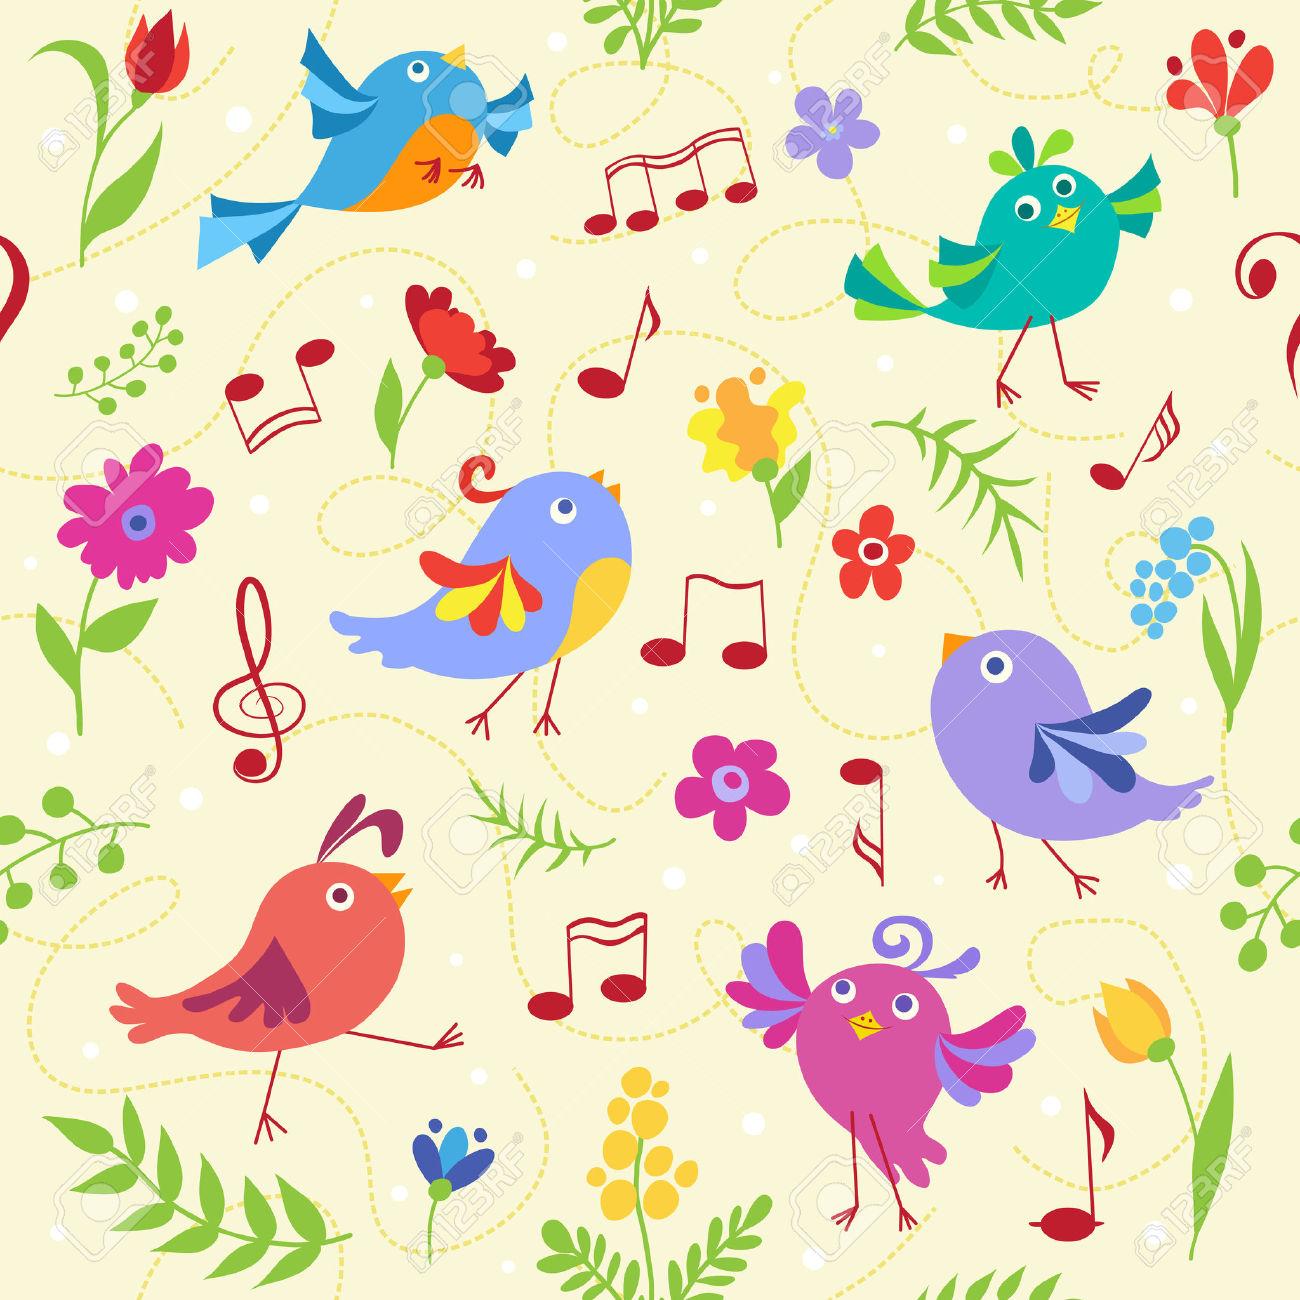 Веселые нотки птички картинки для детей, день